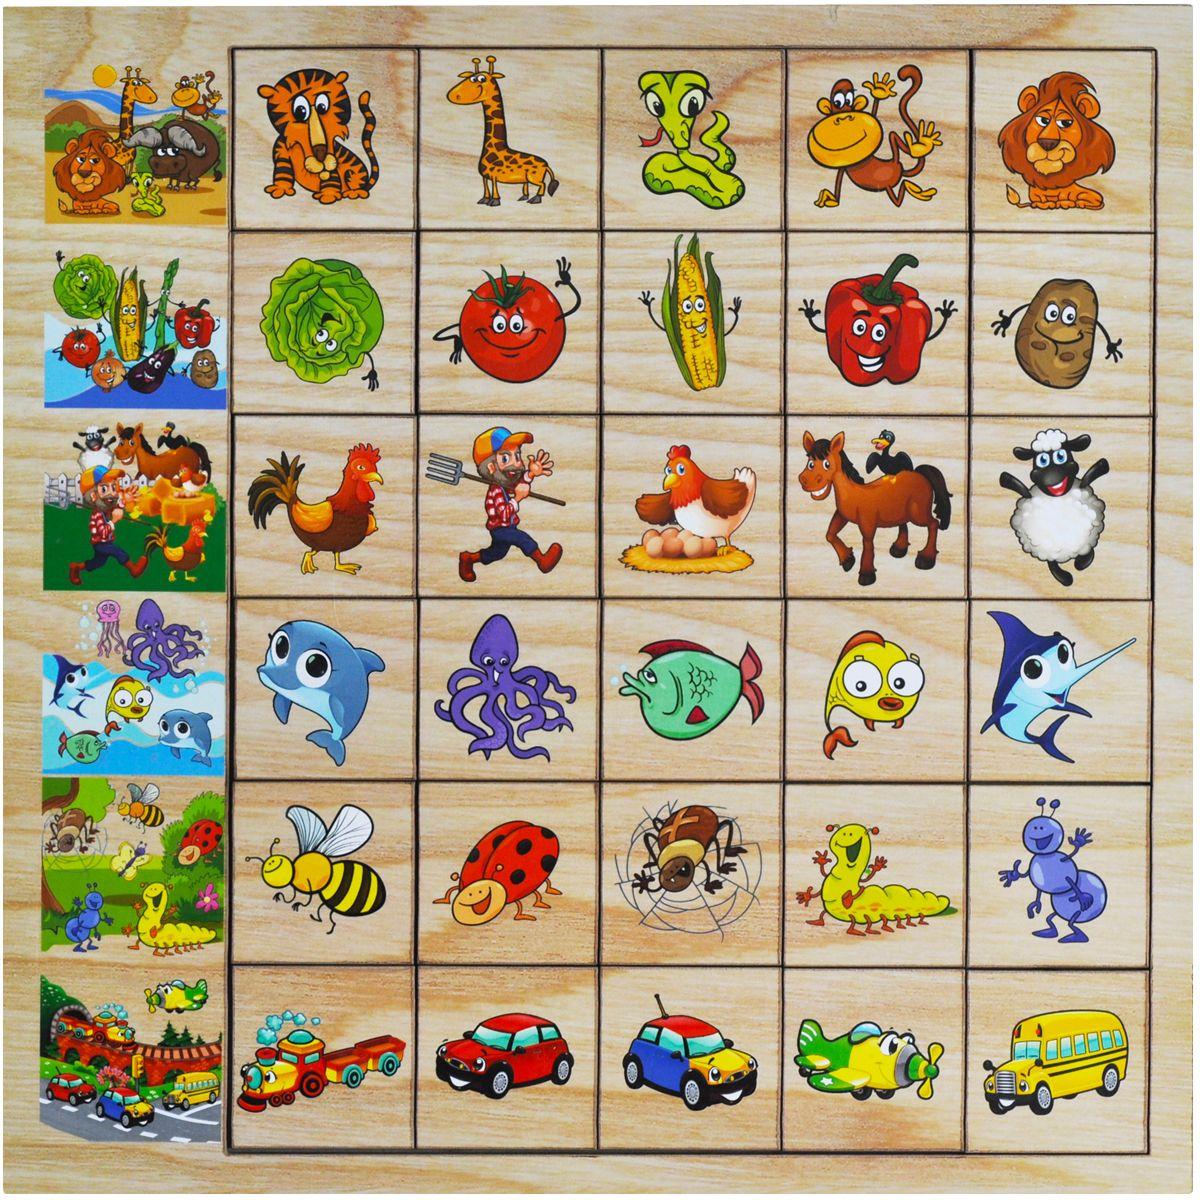 Фабрика Мастер игрушек Обучающая игра АссоциацииIG0051Развивающая игра, которая поможет Вашему ребенку выстроить ассоциативный ряд.